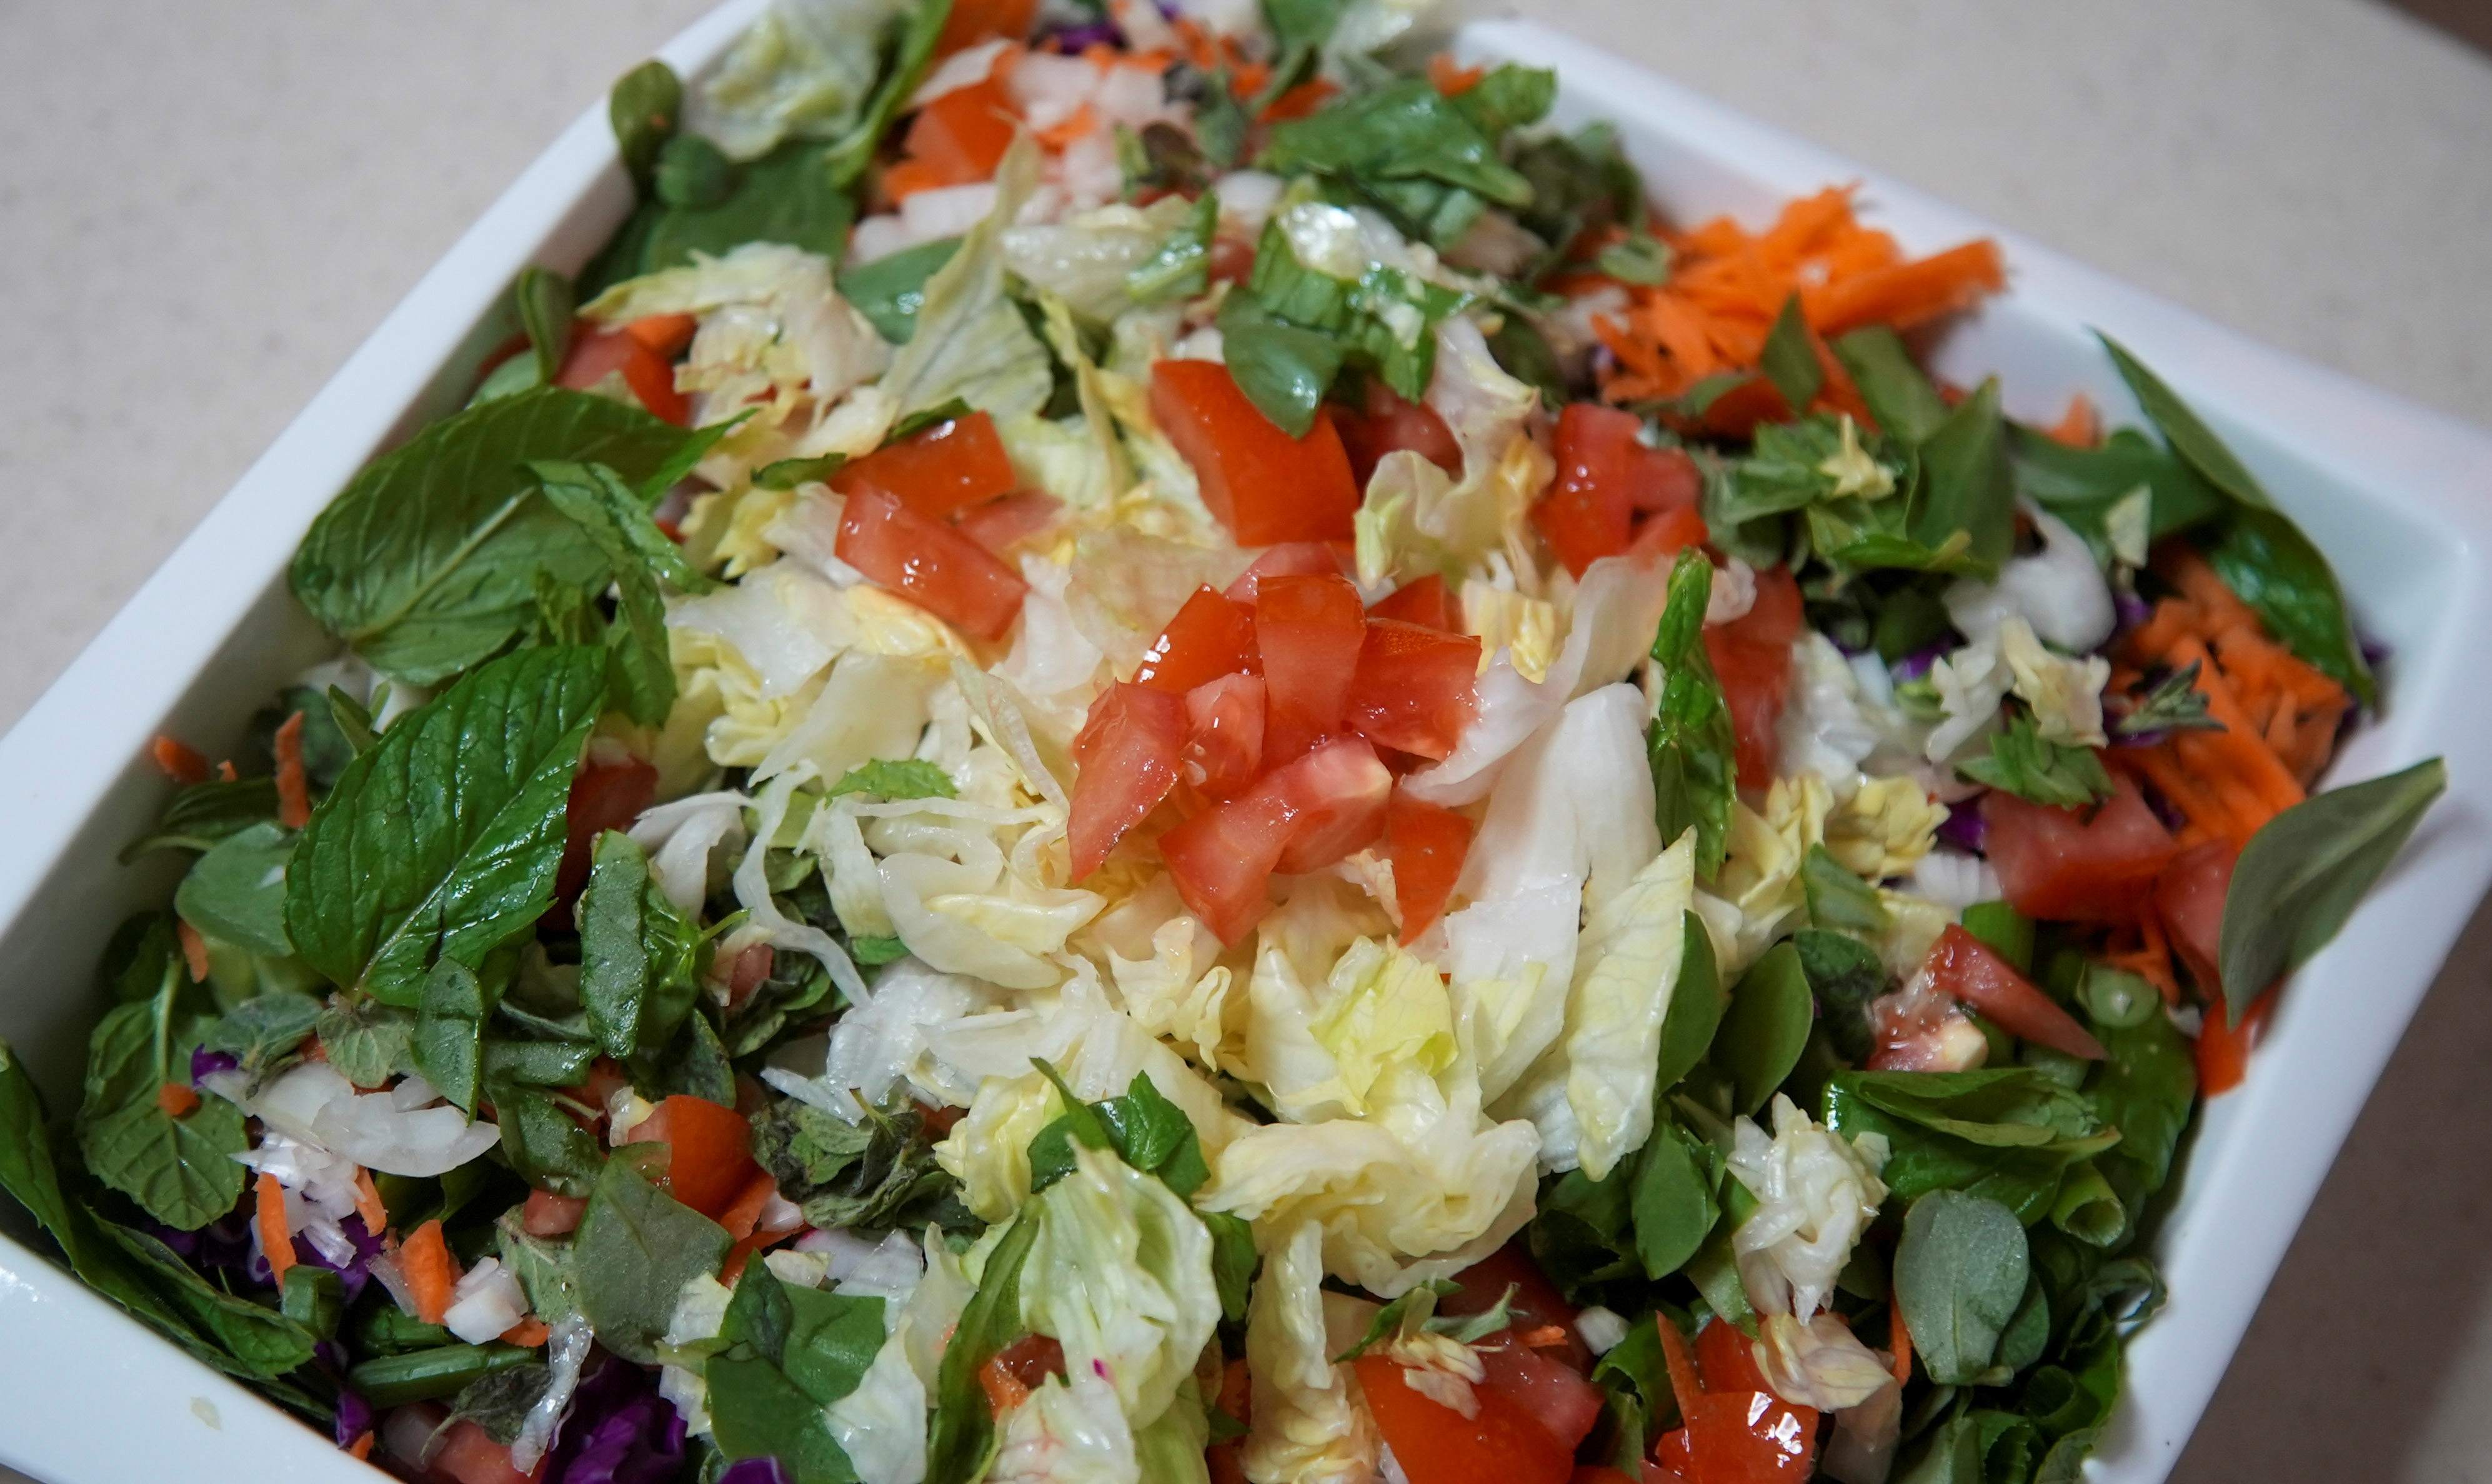 Ein Teller mit Fattoush, einem beliebten Salat, ist am 13. April 2021 in Hala Sheikhs Haus in Beirut, Libanon, zu sehen. REUTERS / Issam Abdallah